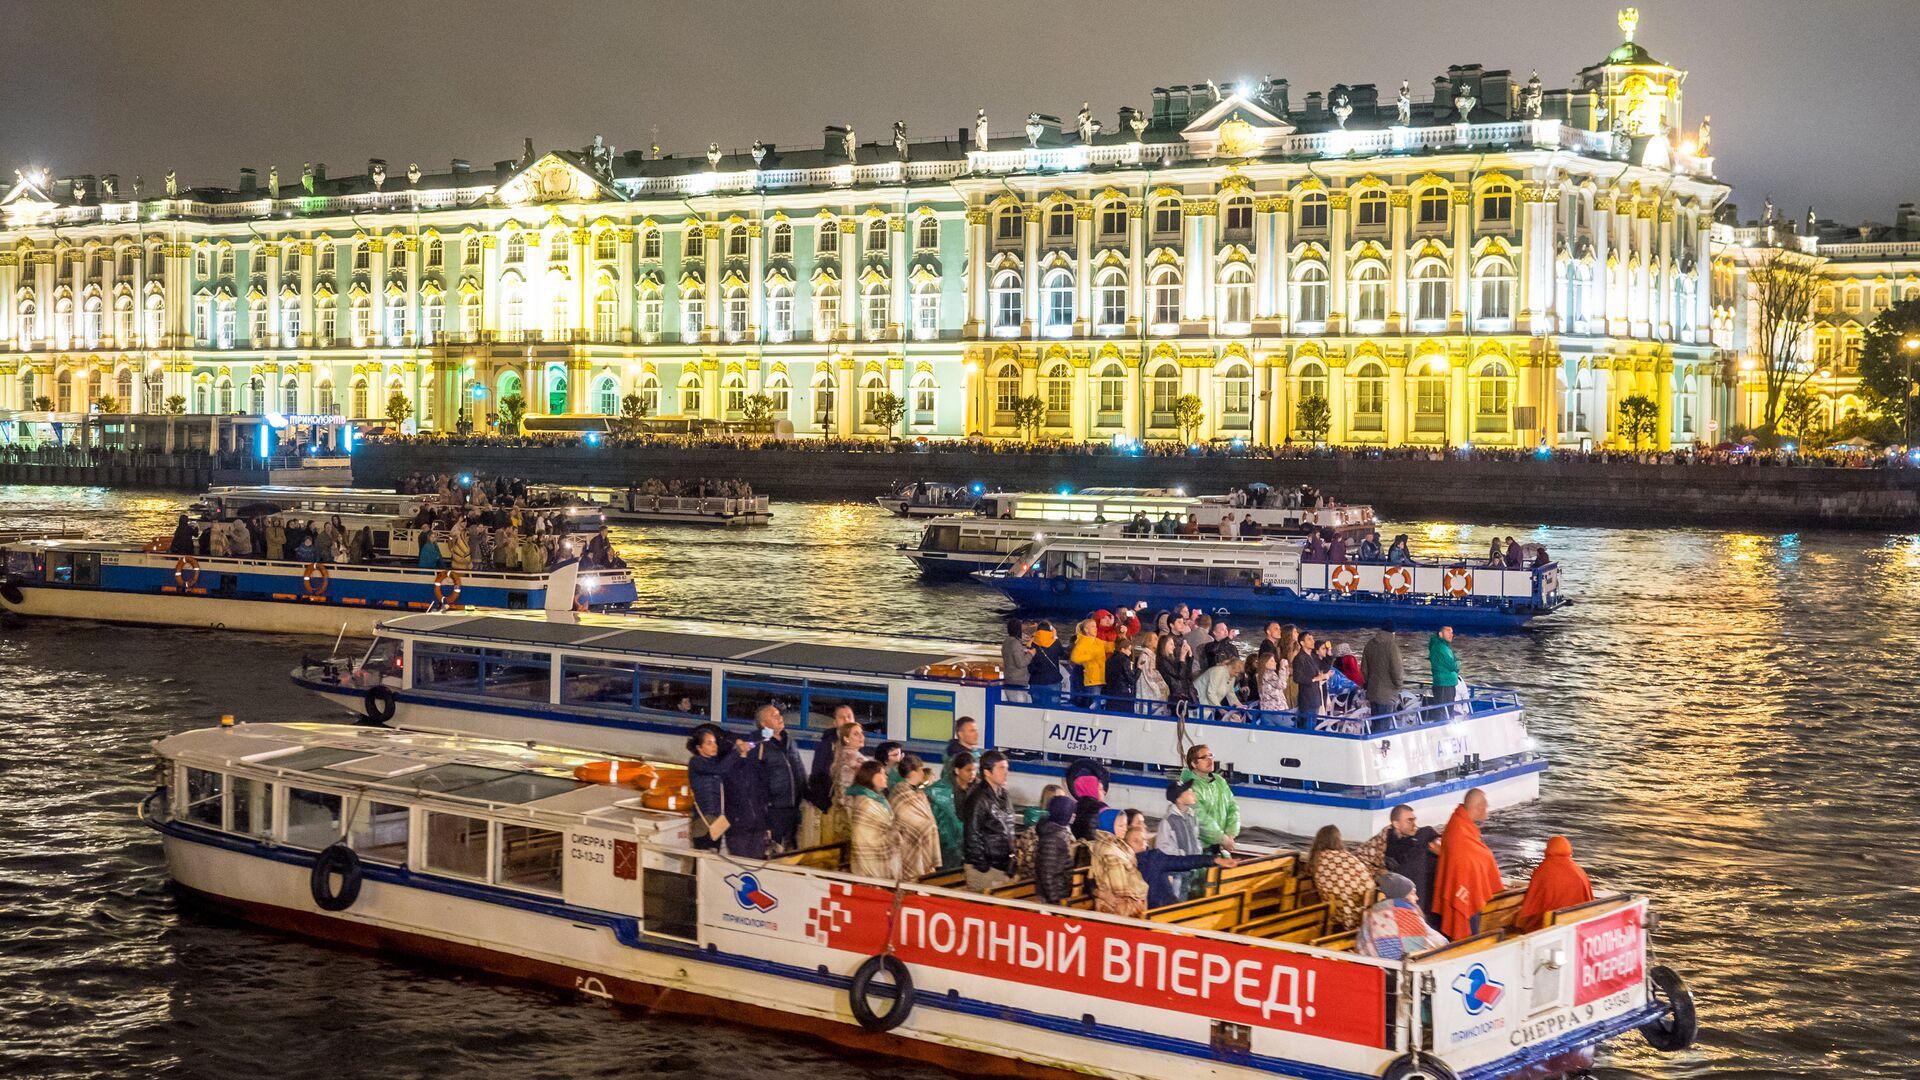 Прогулочные катера во время разведения Дворцового моста в Санкт-Петербурге - РИА Новости, 1920, 02.07.2021